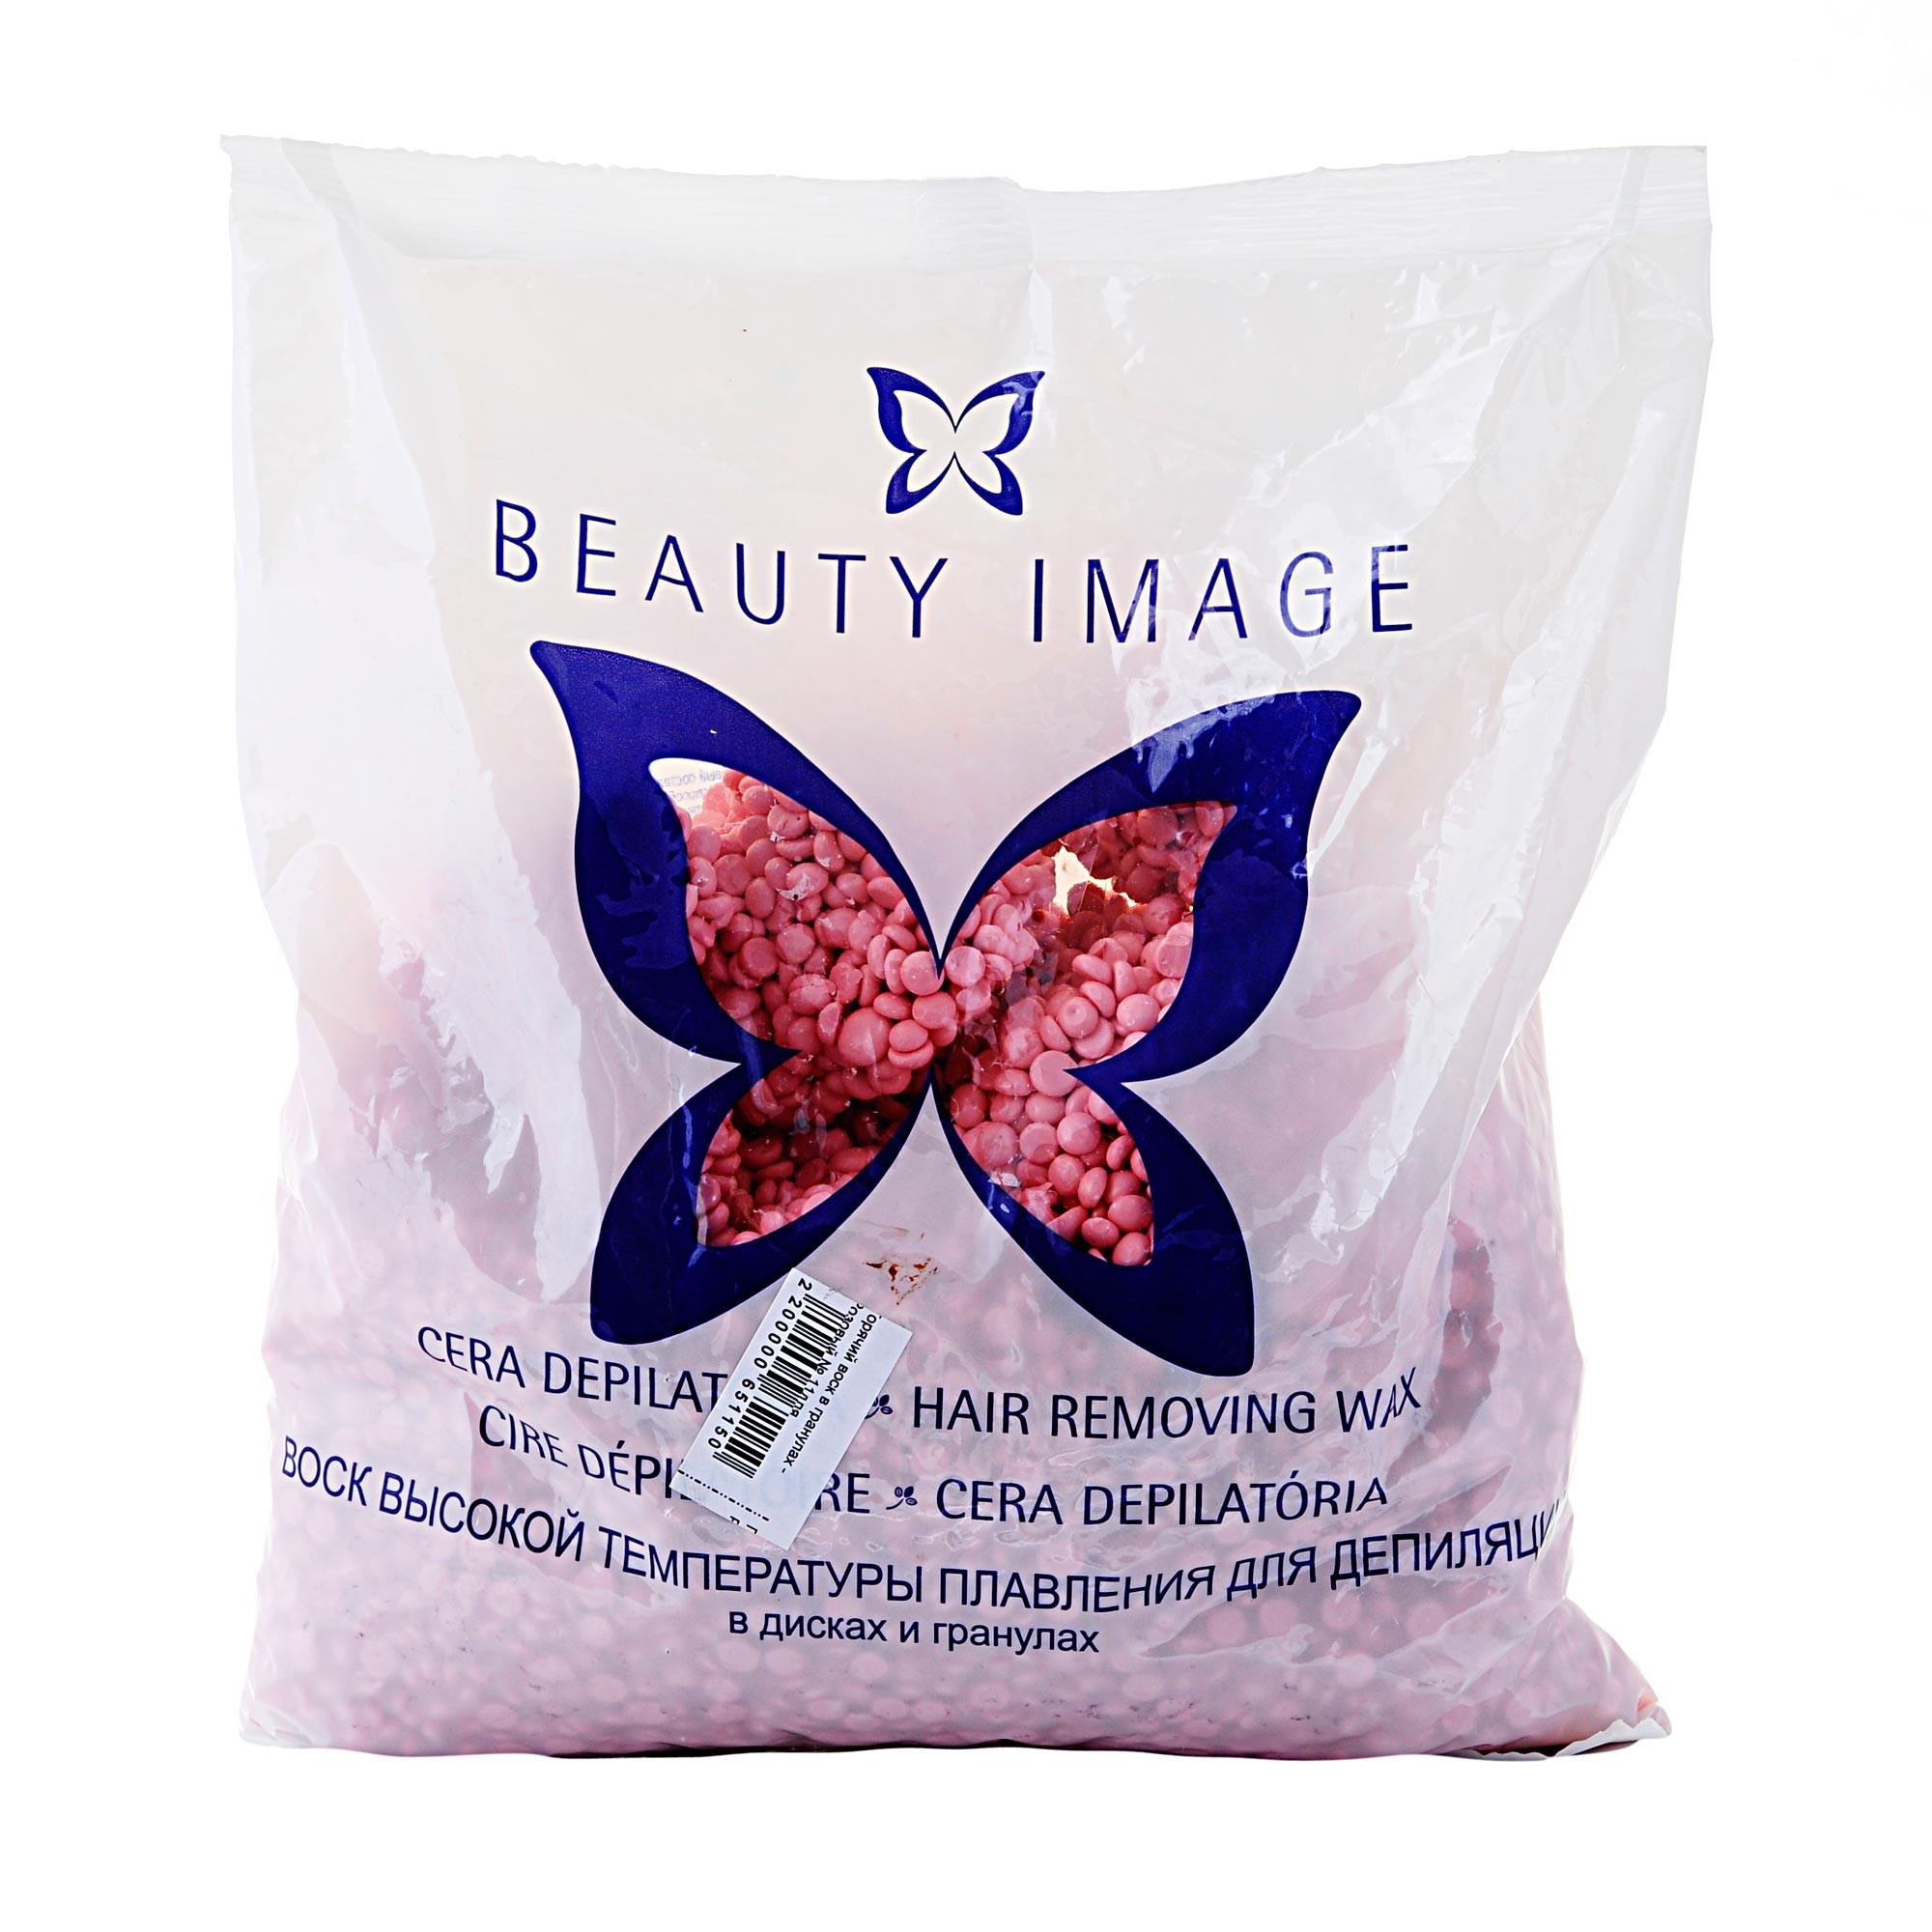 BEAUTY IMAGE Воск горячий в гранулах Розовый 1кгВоски<br>Горячий воск в гранулах Розовый &amp;ndash; превосходный косметический продукт, созданный в лабораториях испанской компании Beauty Image для быстрого и тщательного удаления жестких и коротких волос. Воск Розовый Бьюти Имидж, созданный на основе натуральной смолы соснового дерева с добавлением розового масла, обладает высокой эластичностью, не раздражает кожу и прекрасно справляется с волосами различной толщины и длины, не оставляя сломанных волосков. Входящее в состав воска розовое масло обладает превосходными увлажняющими, смягчающими и антисептическими свойствами, придает коже свежий здоровый цвет и тончайший аромат дамасской розы.  Активные ингредиенты: Воск микрокристаллический, смола натуральная, глицерил гидрогенезированный R.  Способ применения: Нанесите необходимое количество разогретого воска Бьюти Имидж на кожу при помощи специального деревянного шпателя, равномерно распределите, дайте немного остыть, после чего удалите образовавшуюся пленку рукой. Специалисты рекомендуют использовать данный вид восков для депиляции на особо чувствительных участках тела, в частности, в области подмышек, а также при выполнении бикини-дизайна или глубокого бикини.<br>